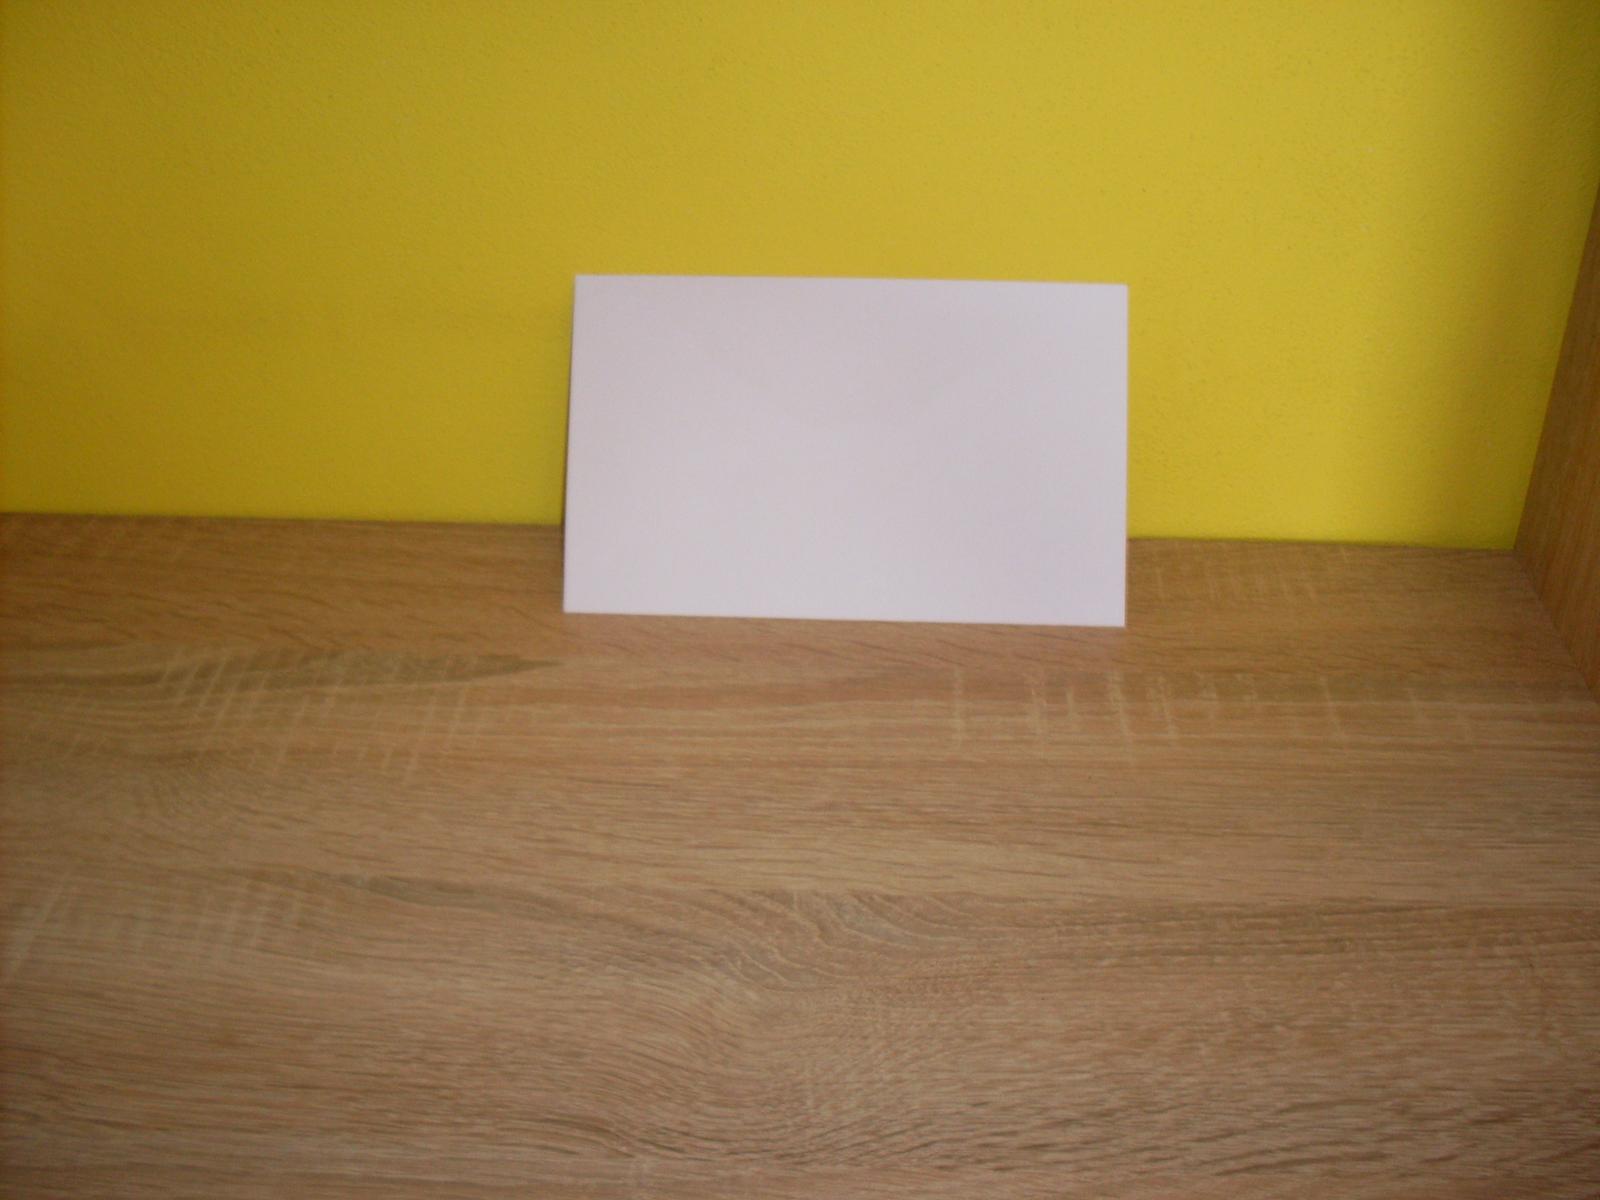 Obálky - Obrázok č. 1